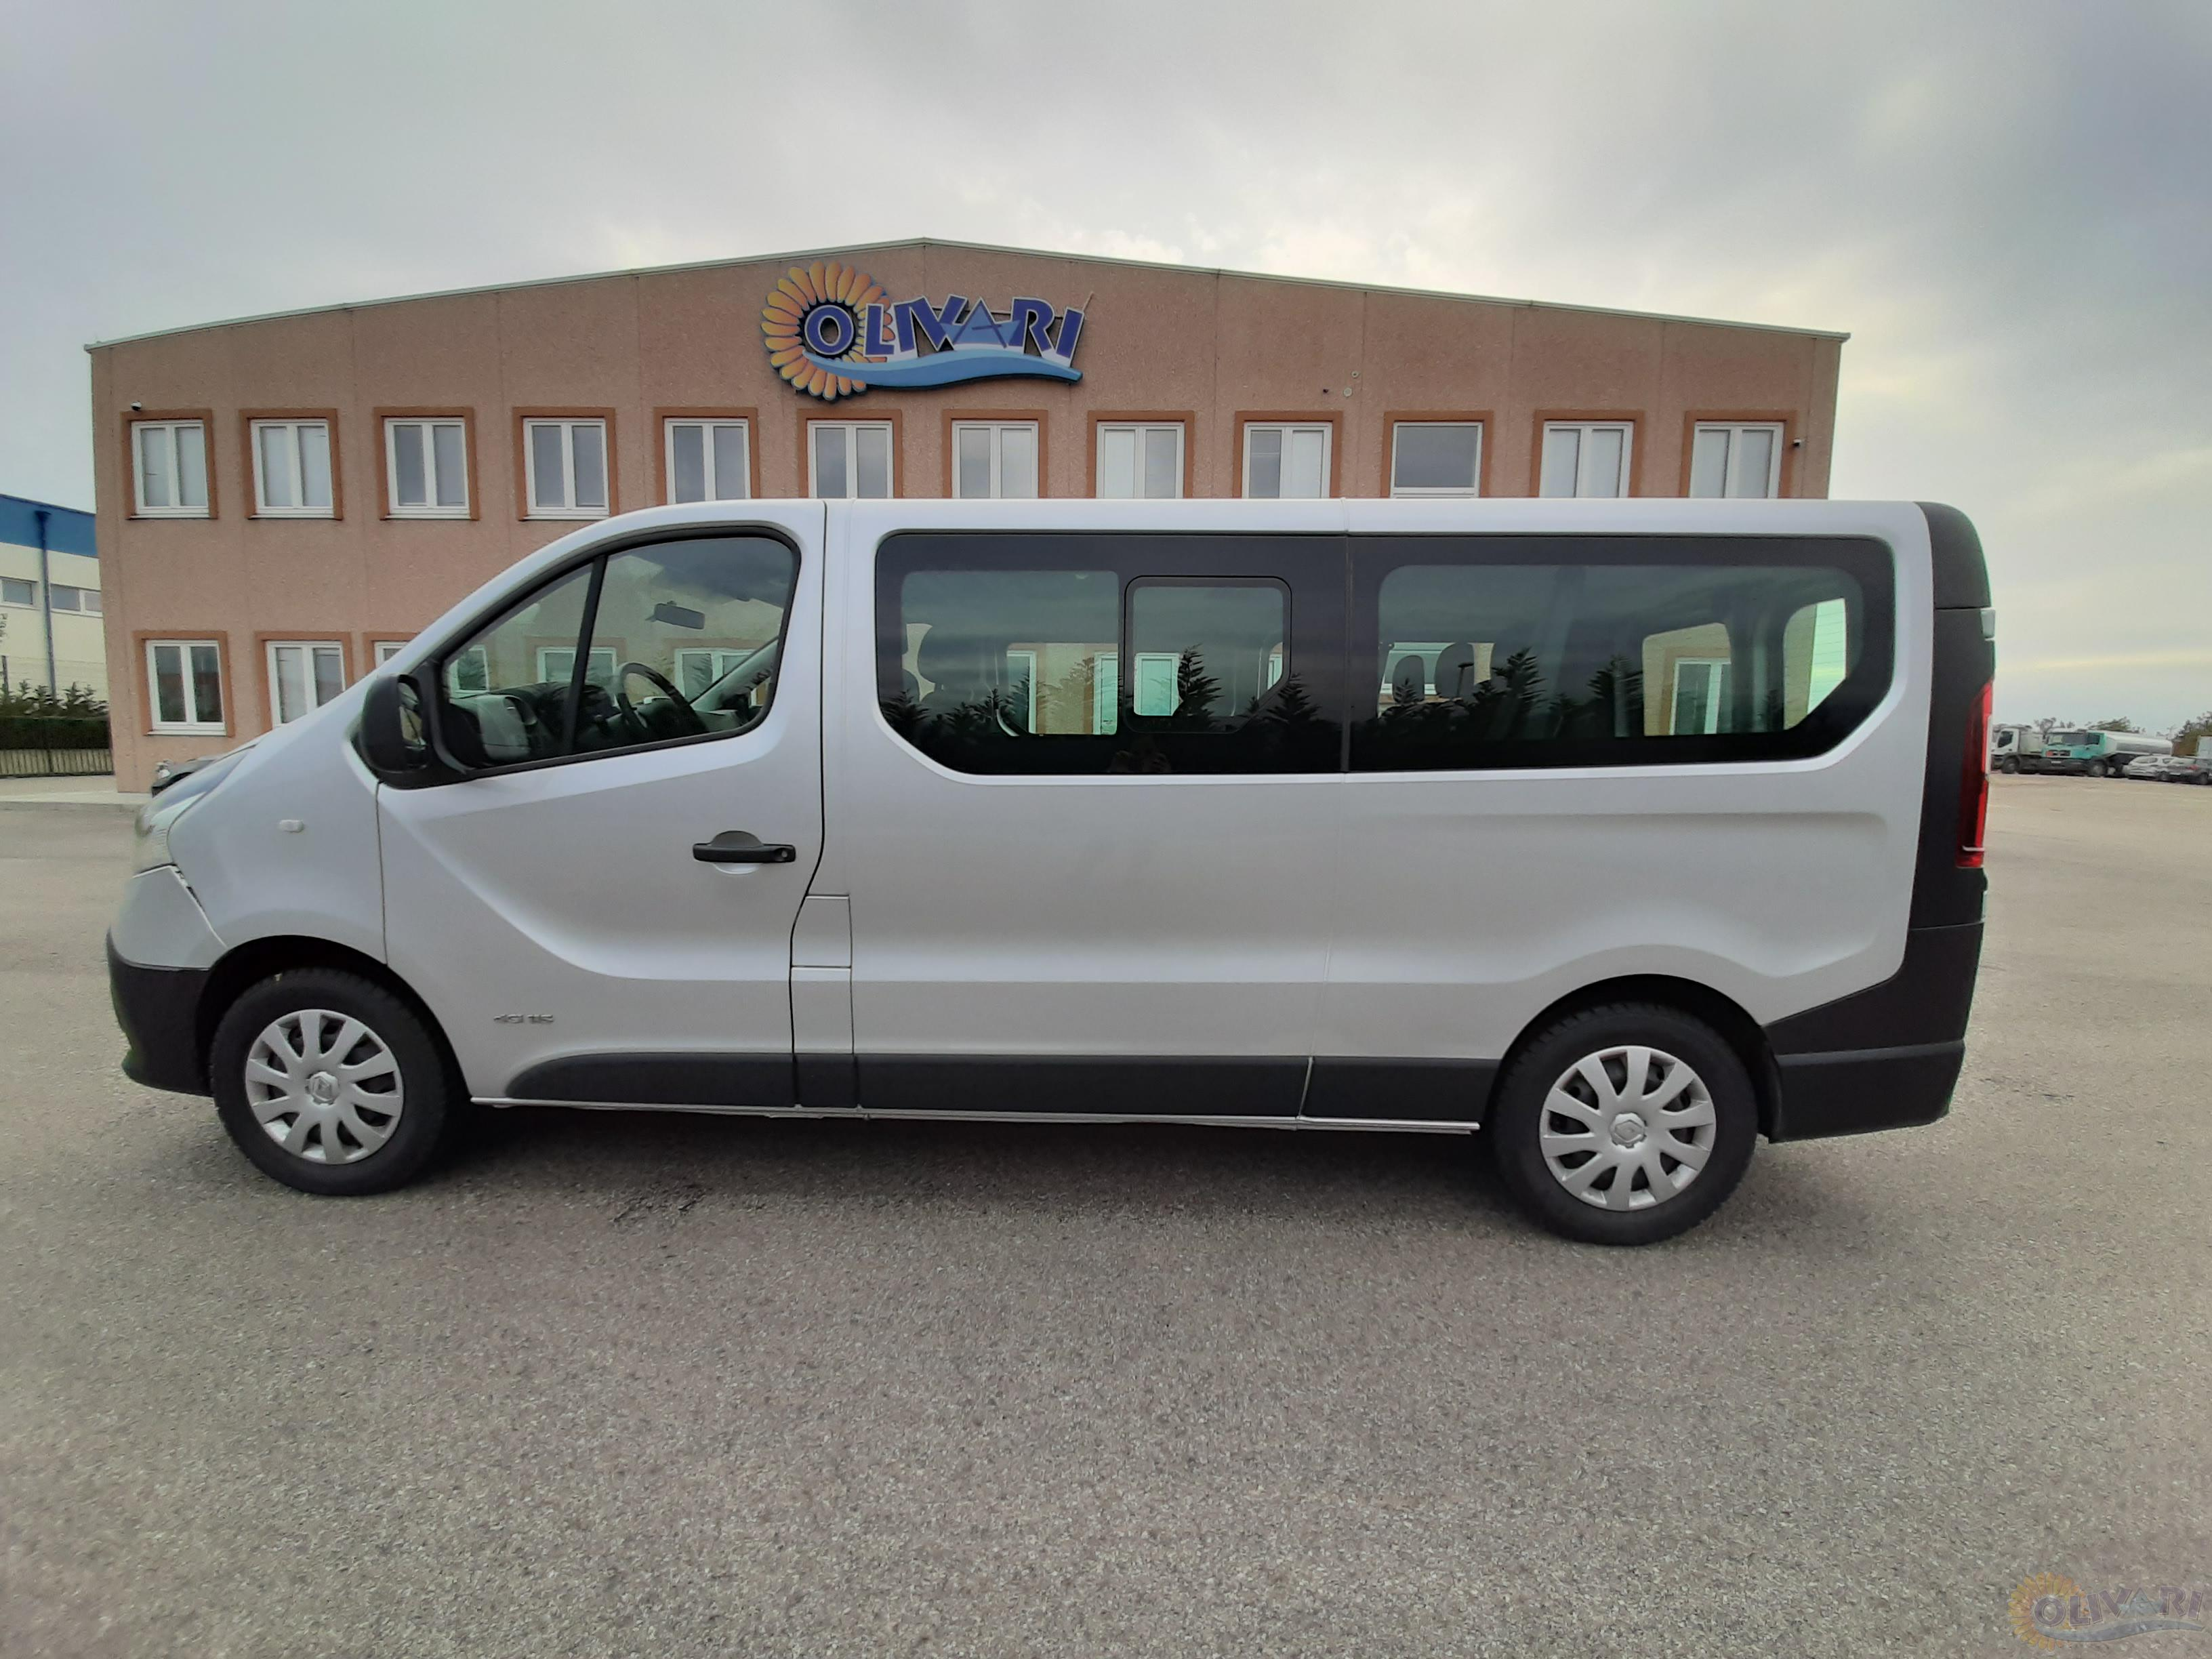 Rent a car, 8+1 sitze, ab 80,00 € pro tag